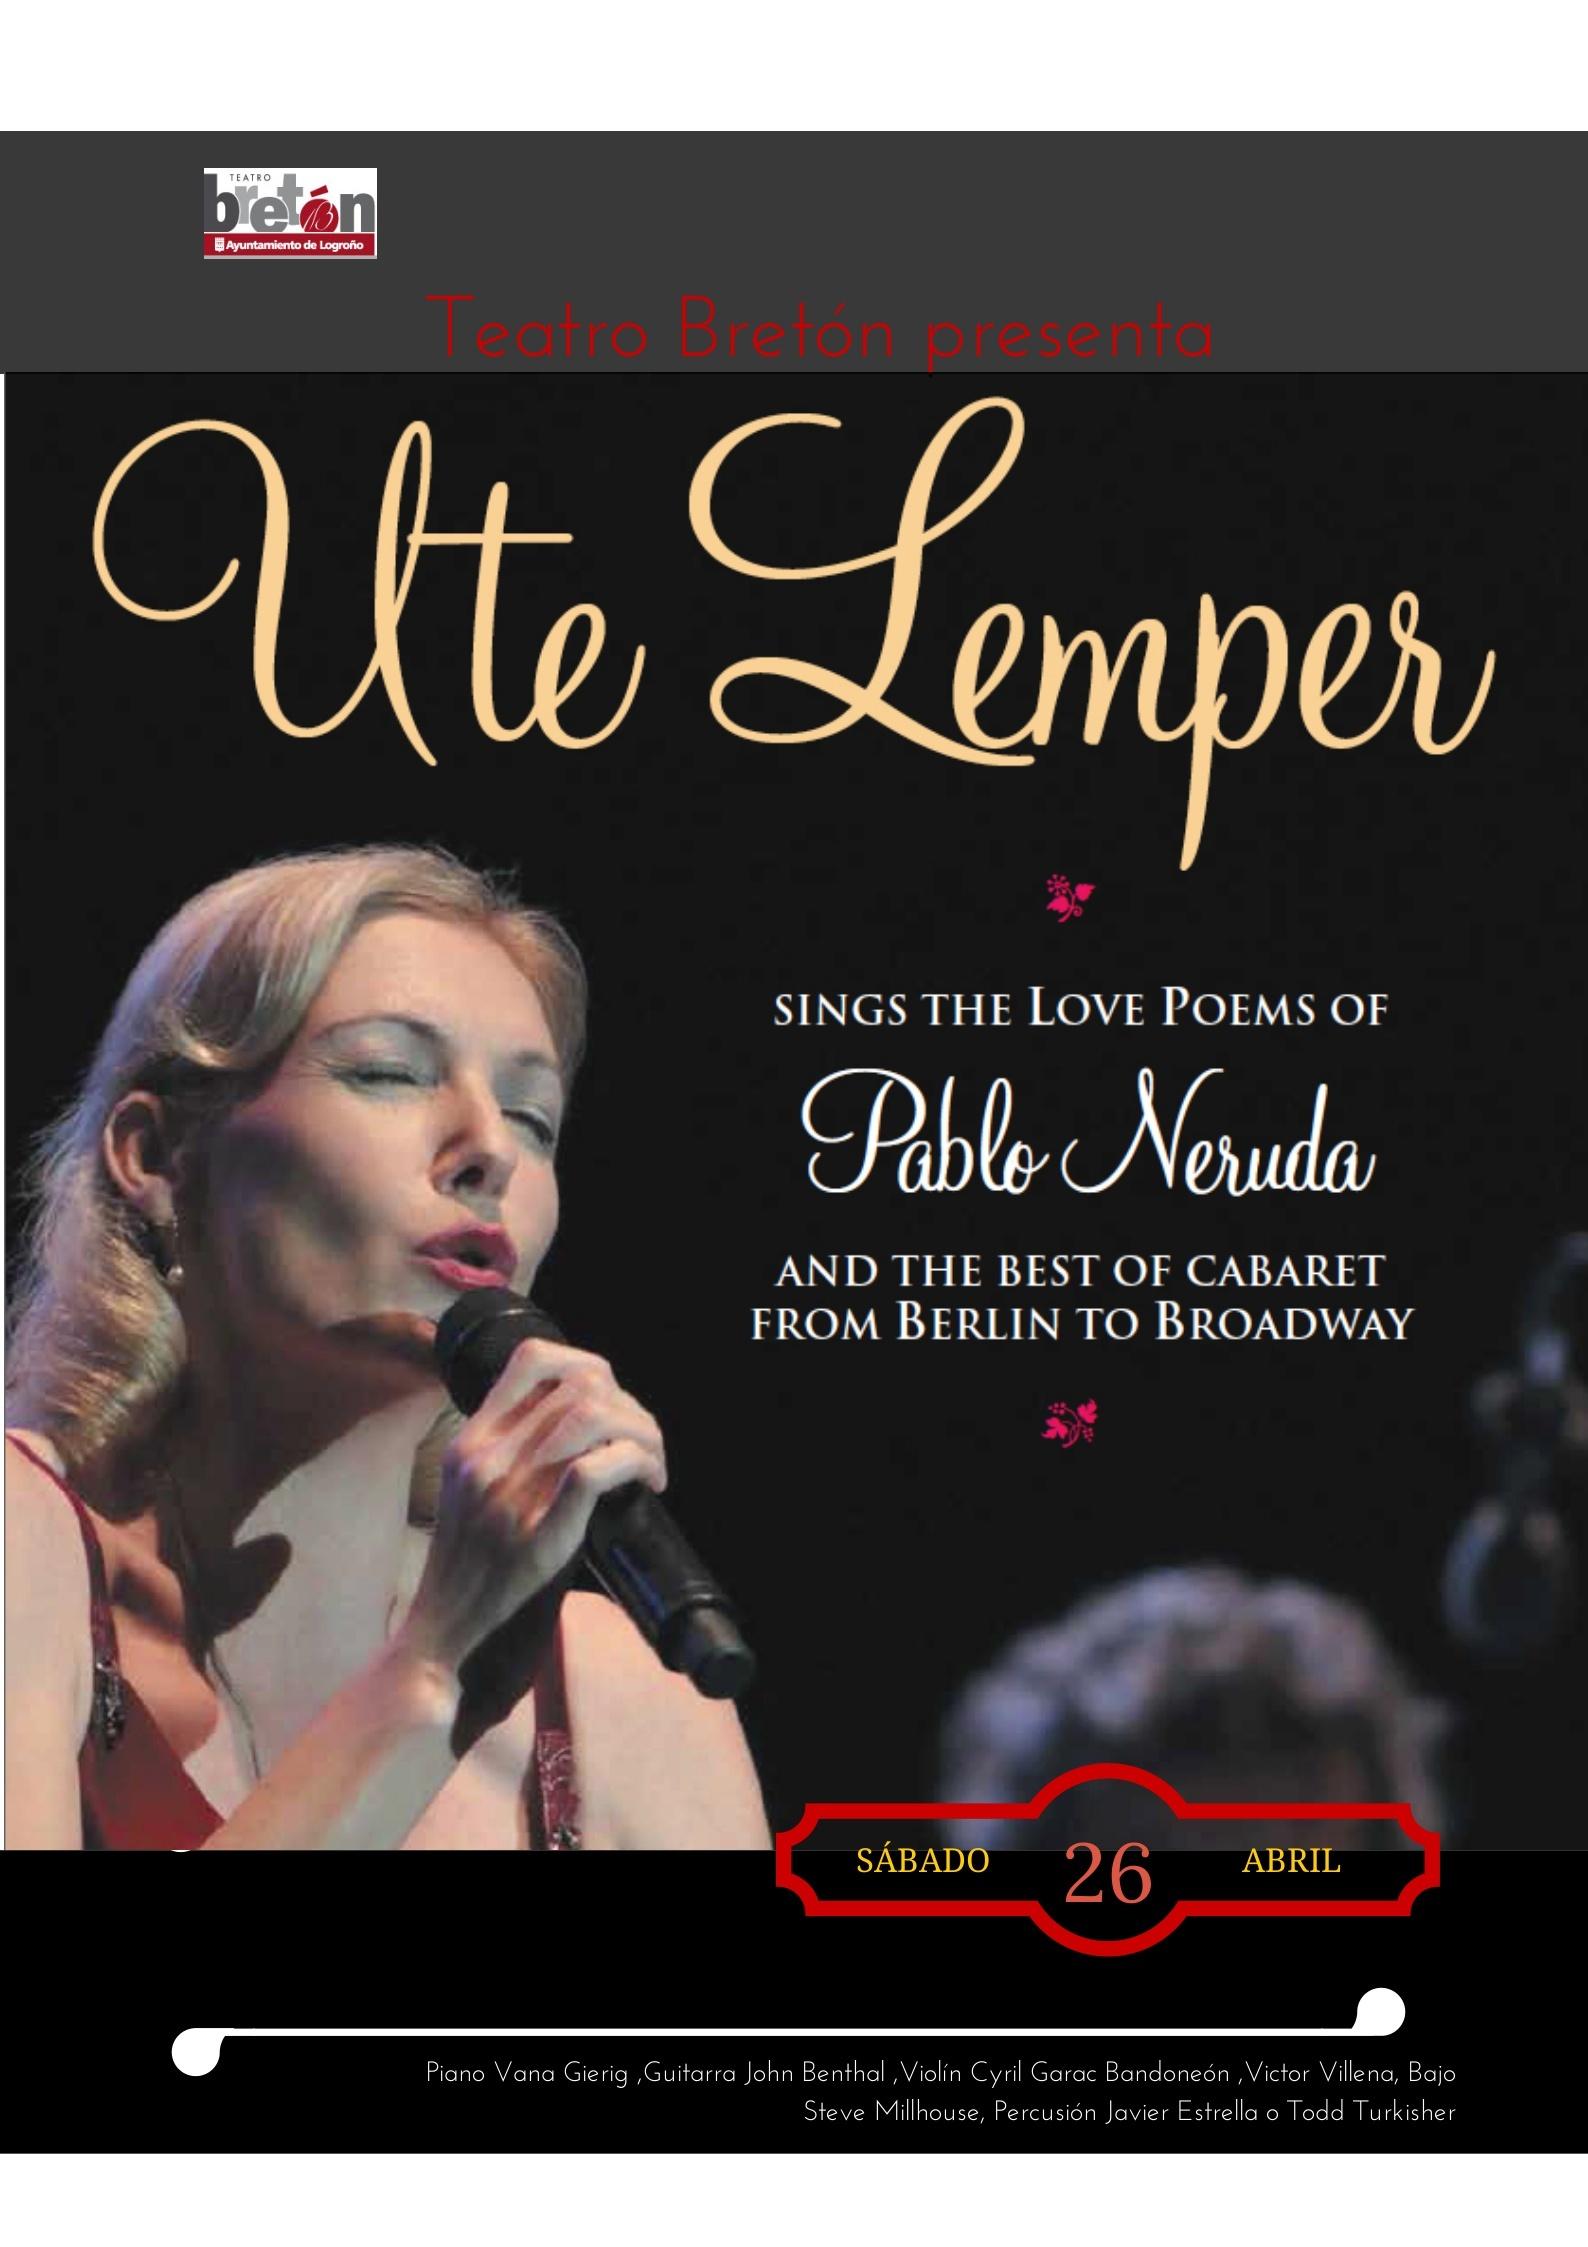 Ute Lemper, Joglars o Concha Velasco, más el nuevo ciclo »Música y arte», hasta junio en el Teatro Bretón